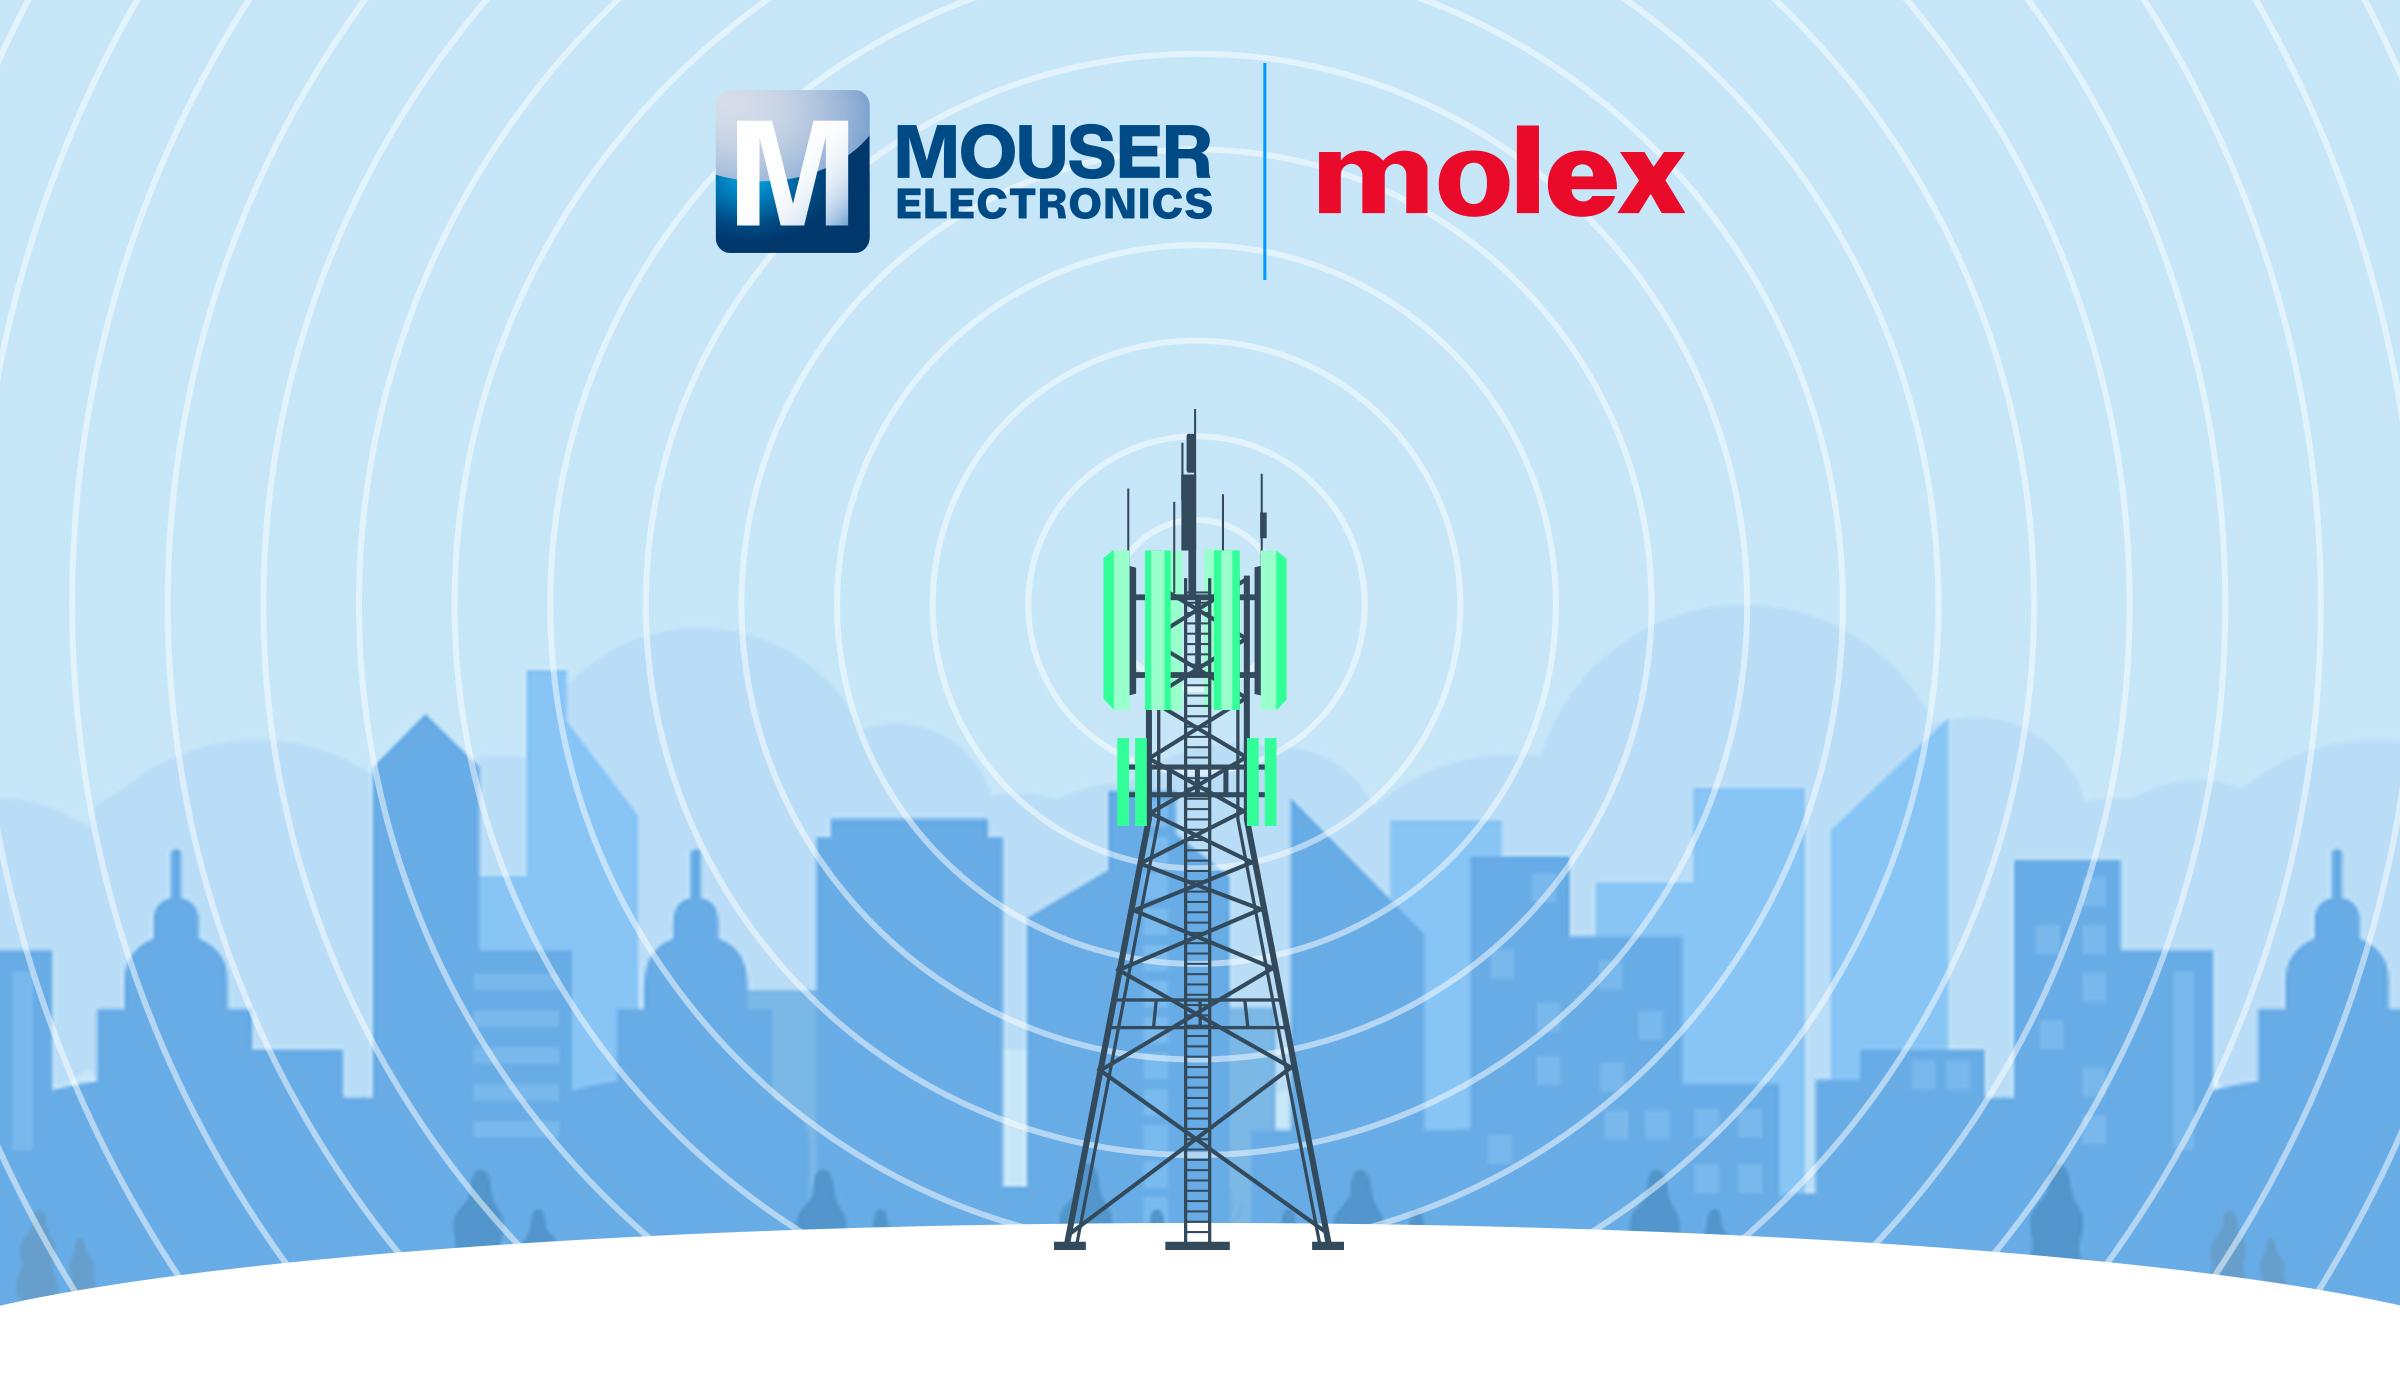 贸泽电子联手Molex推出全新内容网站探索天线应用和战略